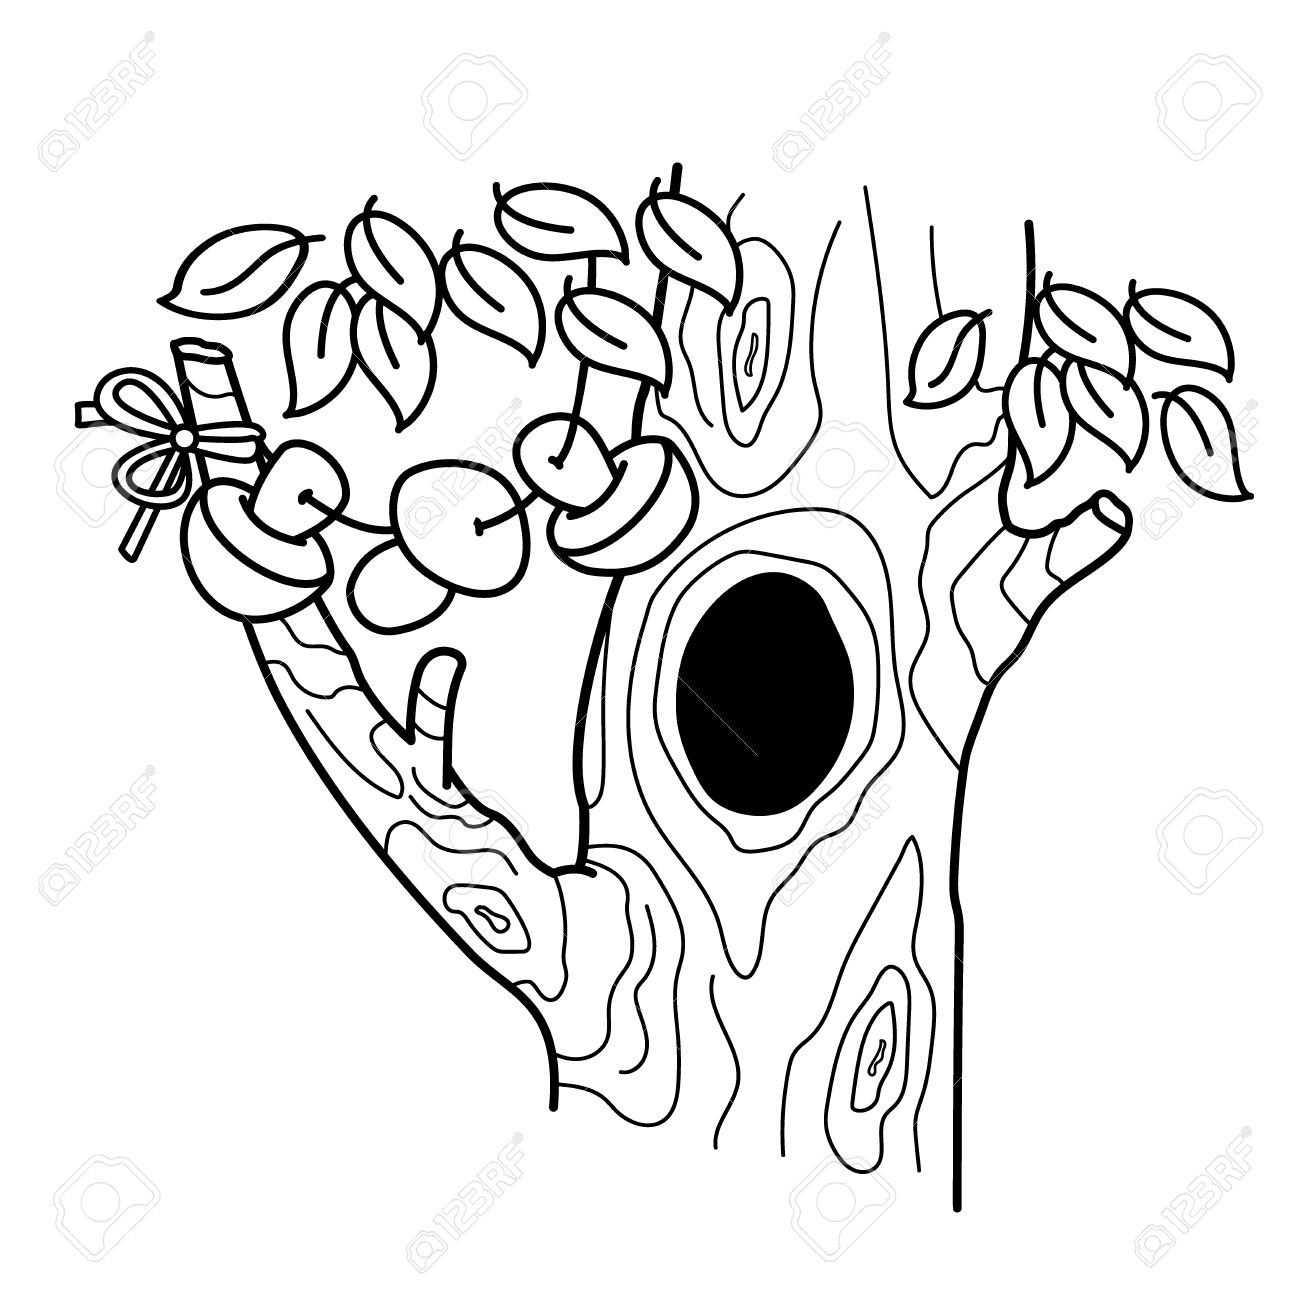 Página Para Colorear Esquema Del árbol De Dibujos Animados Con Un ...